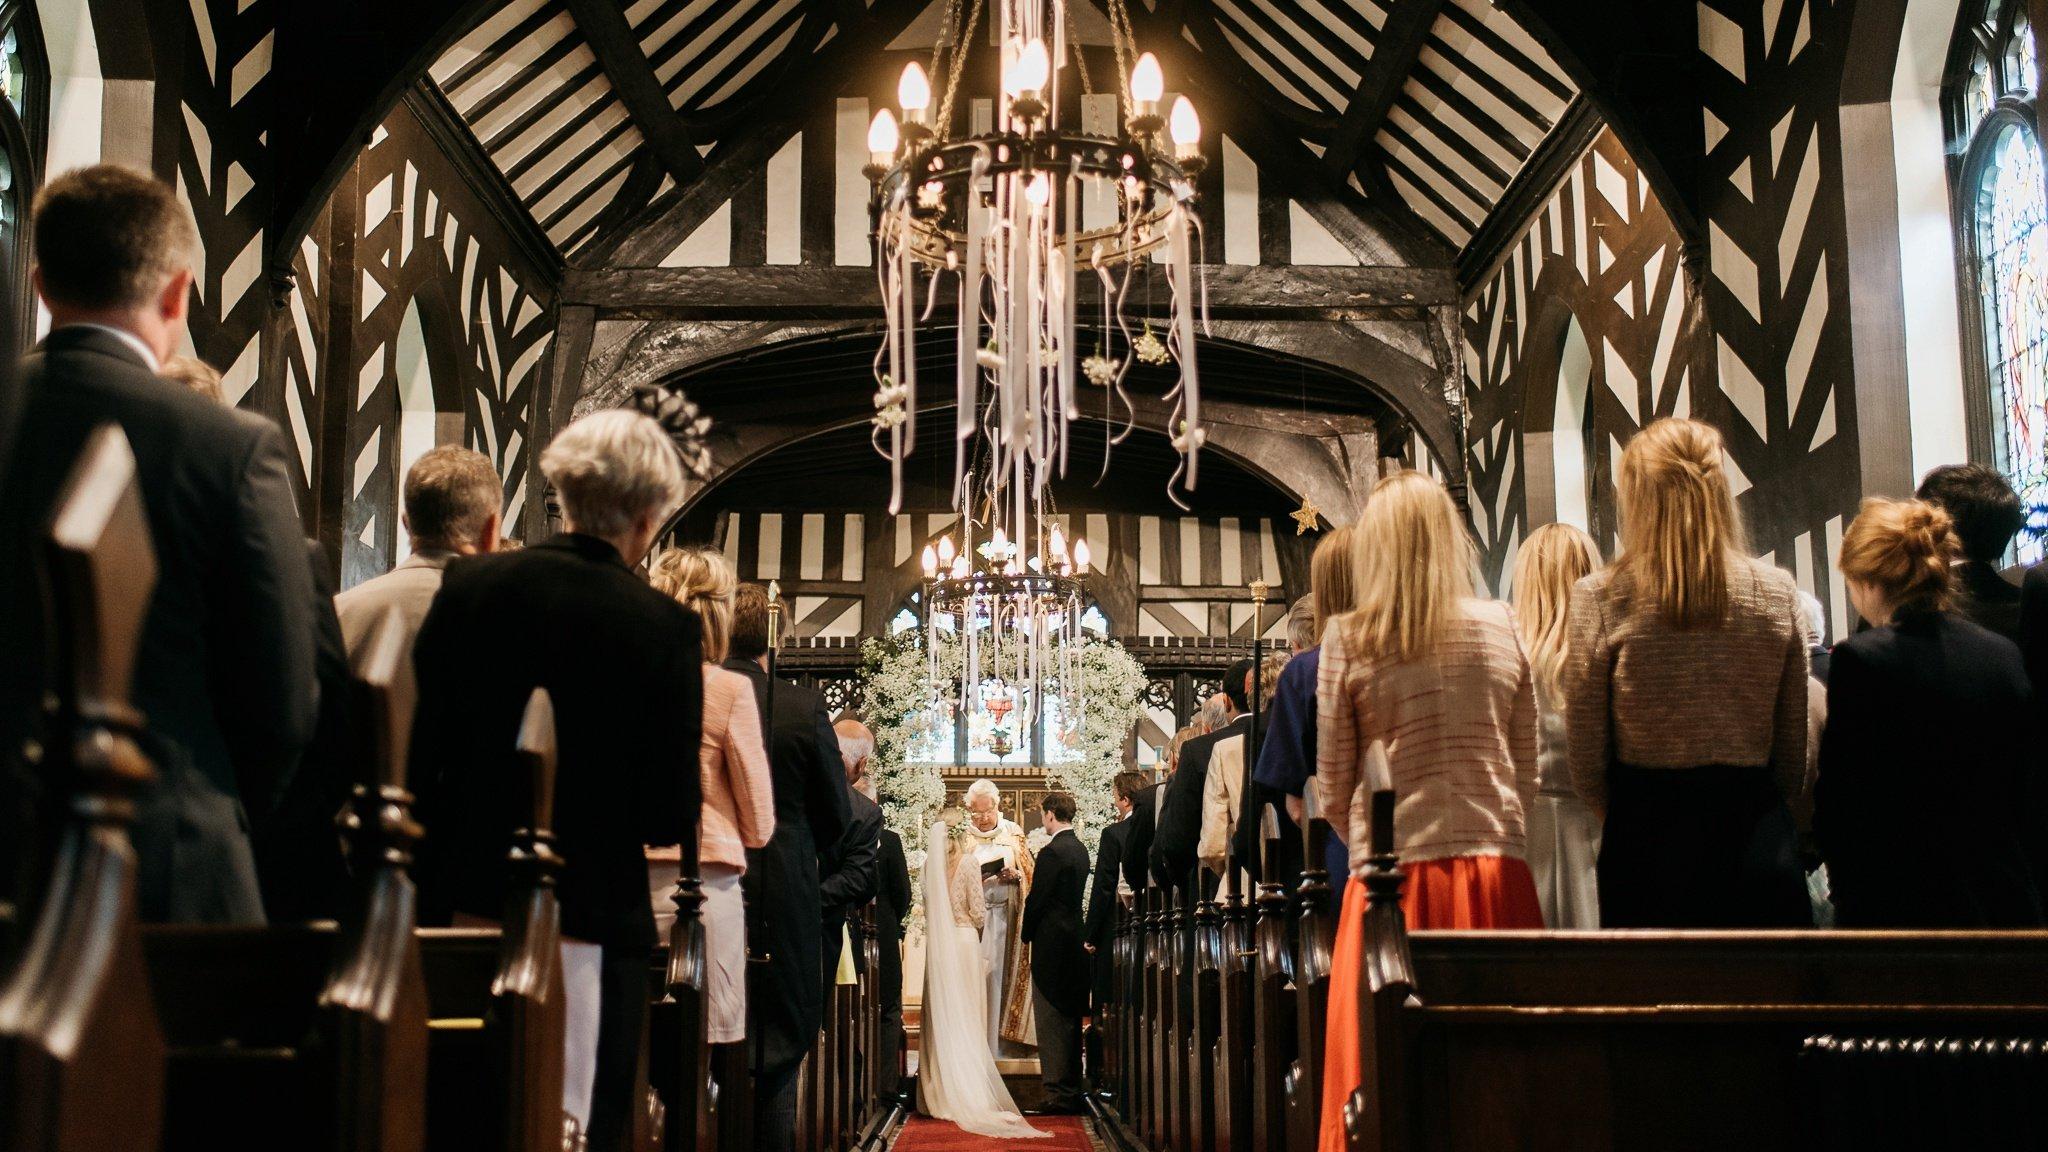 Unique Wedding Ideas Uk: John Barwood Photography